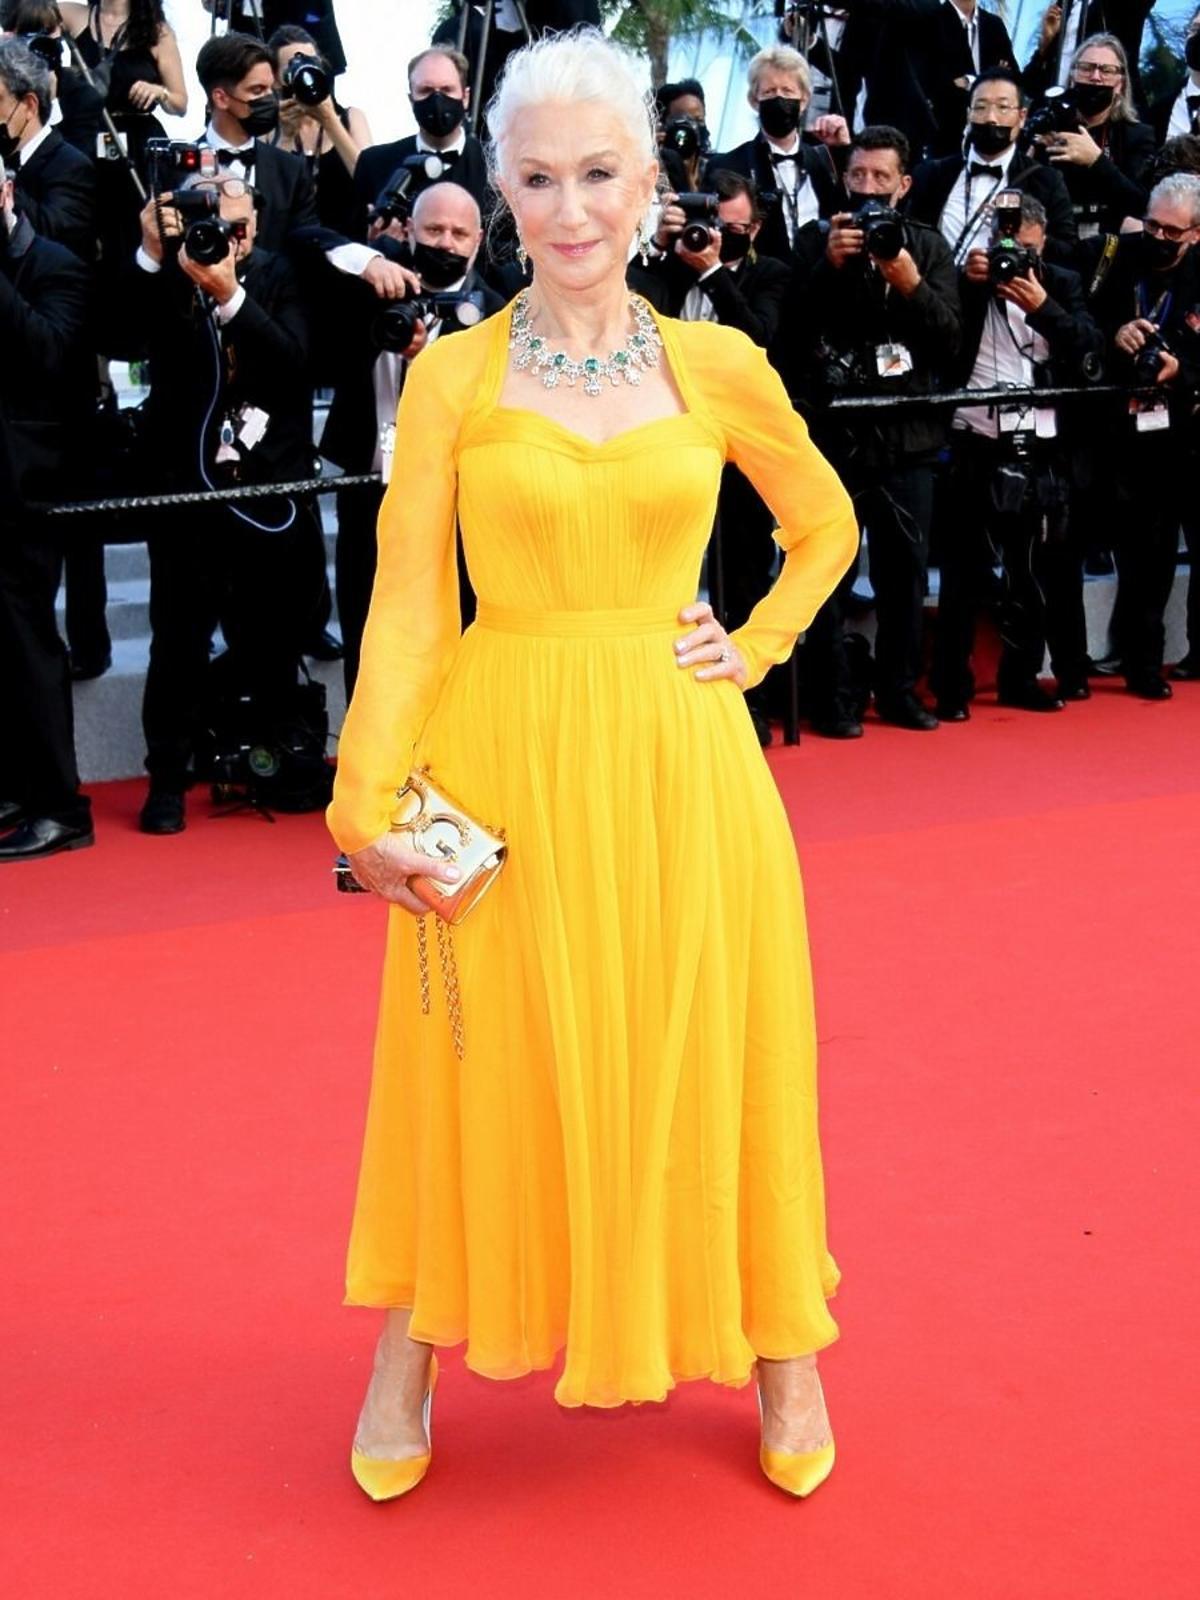 Cannes 2021: Helen Mirren